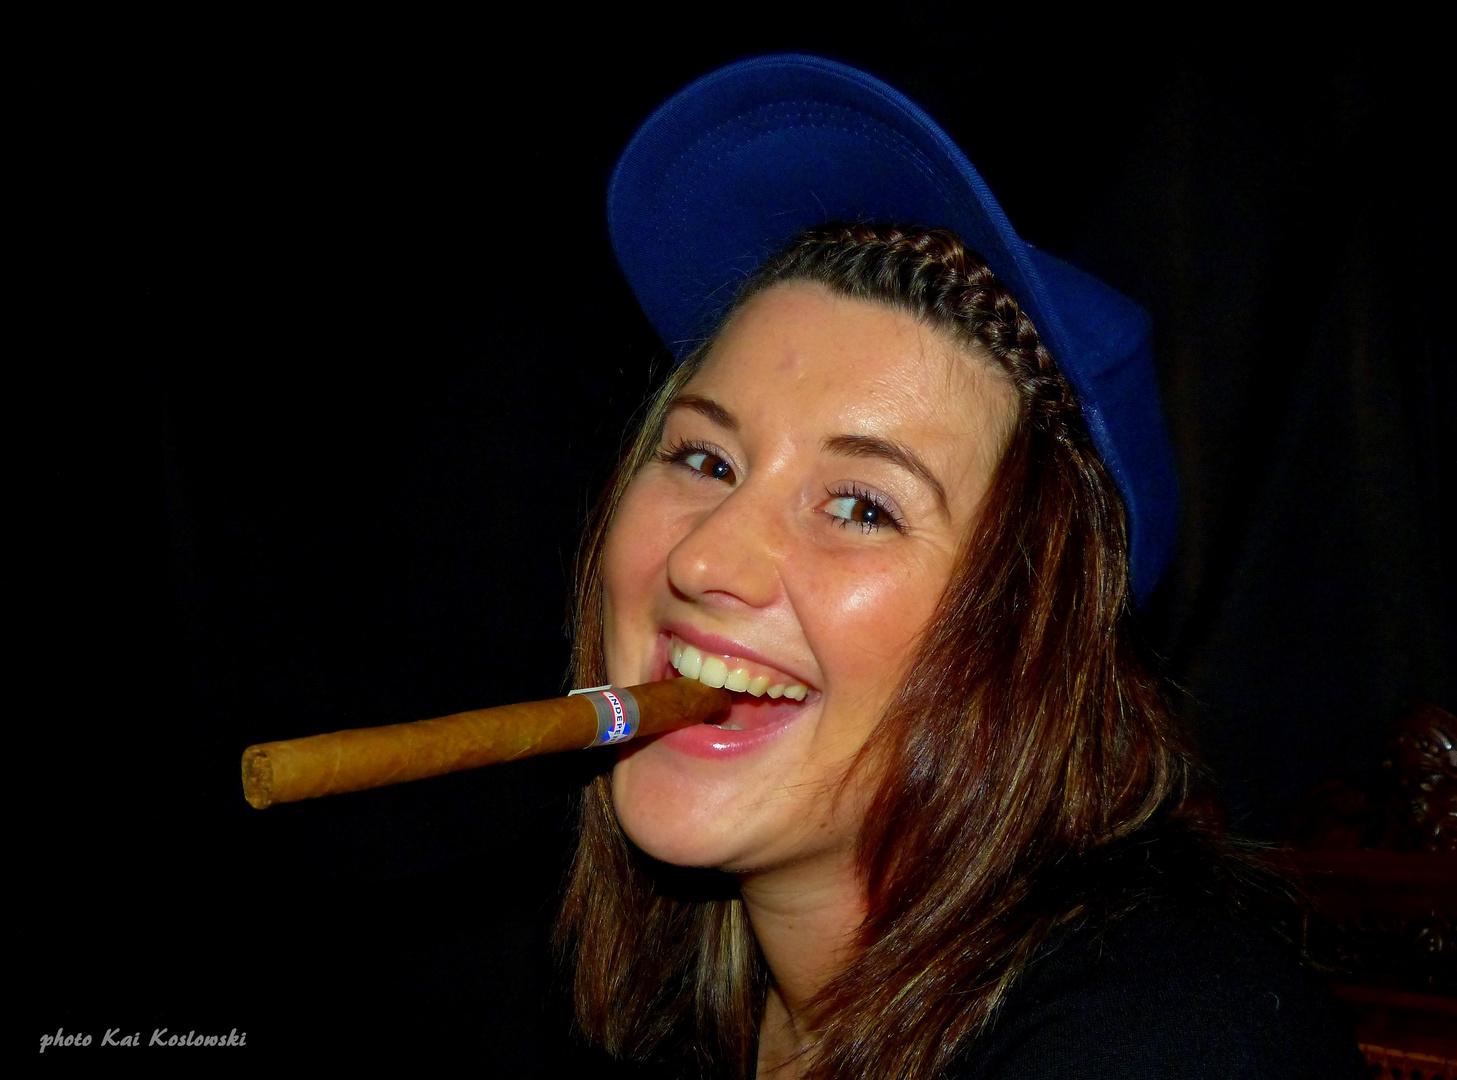 das Spiel mit der Zigarre